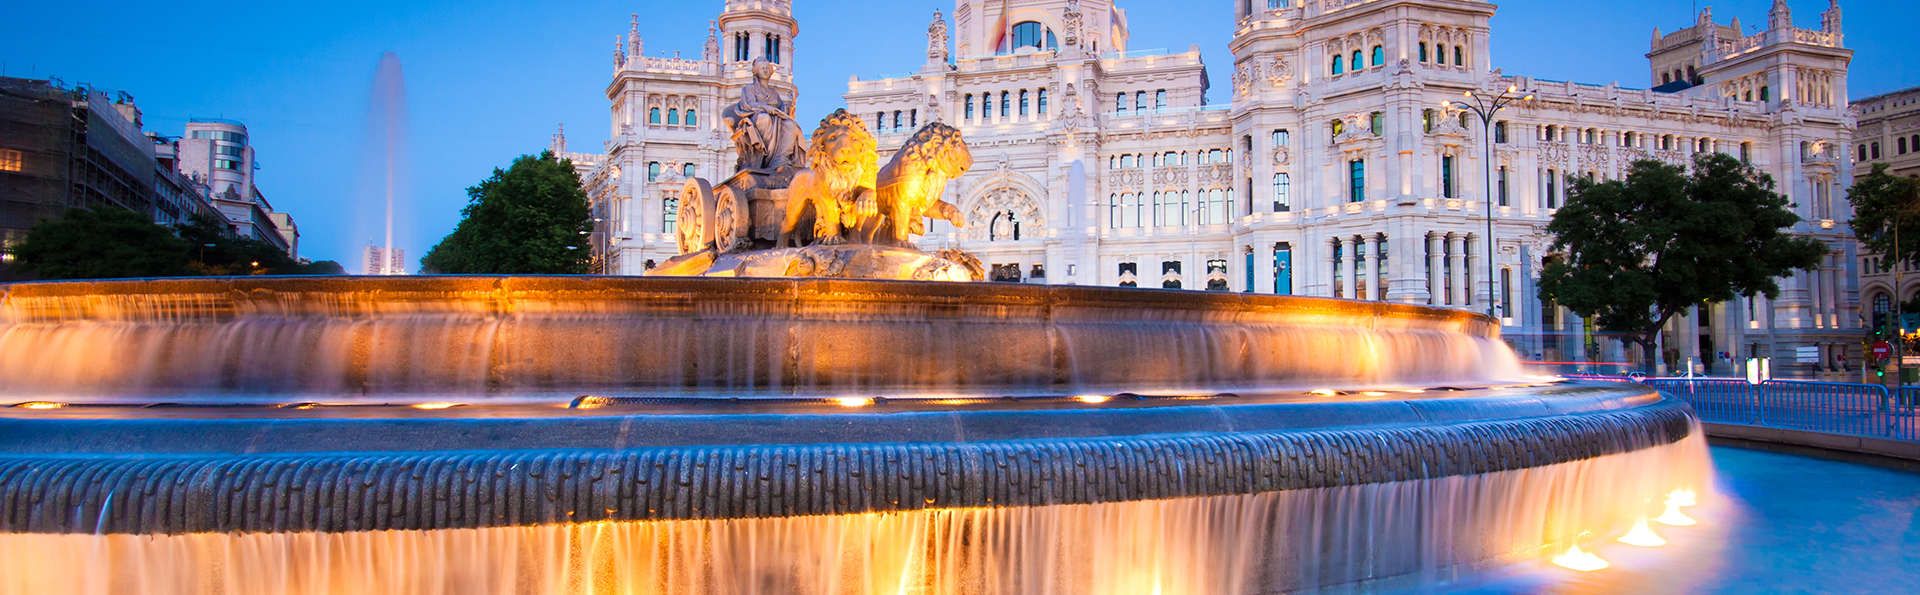 Découvrez Madrid avec une visite en bus touristique et un spectacle de flamenco